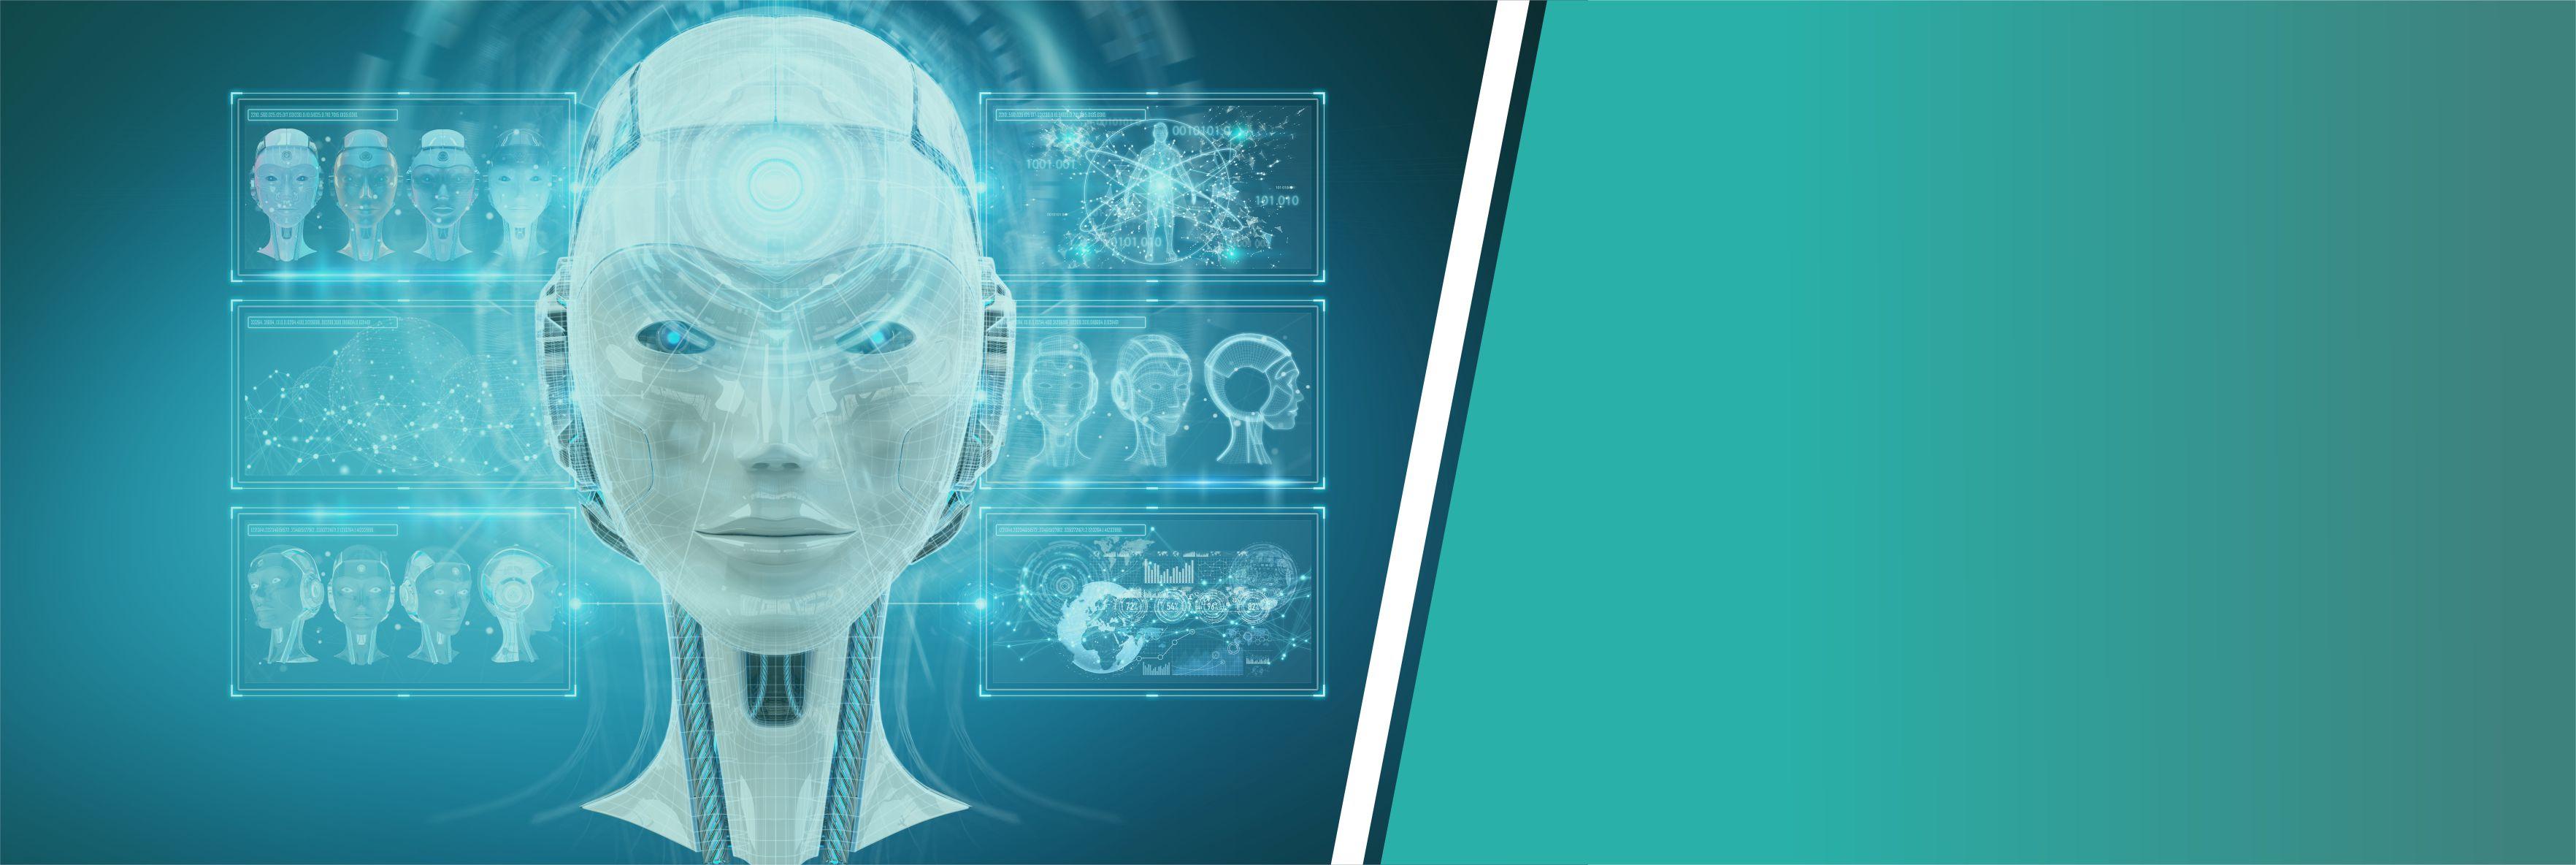 Robotics & Imaging